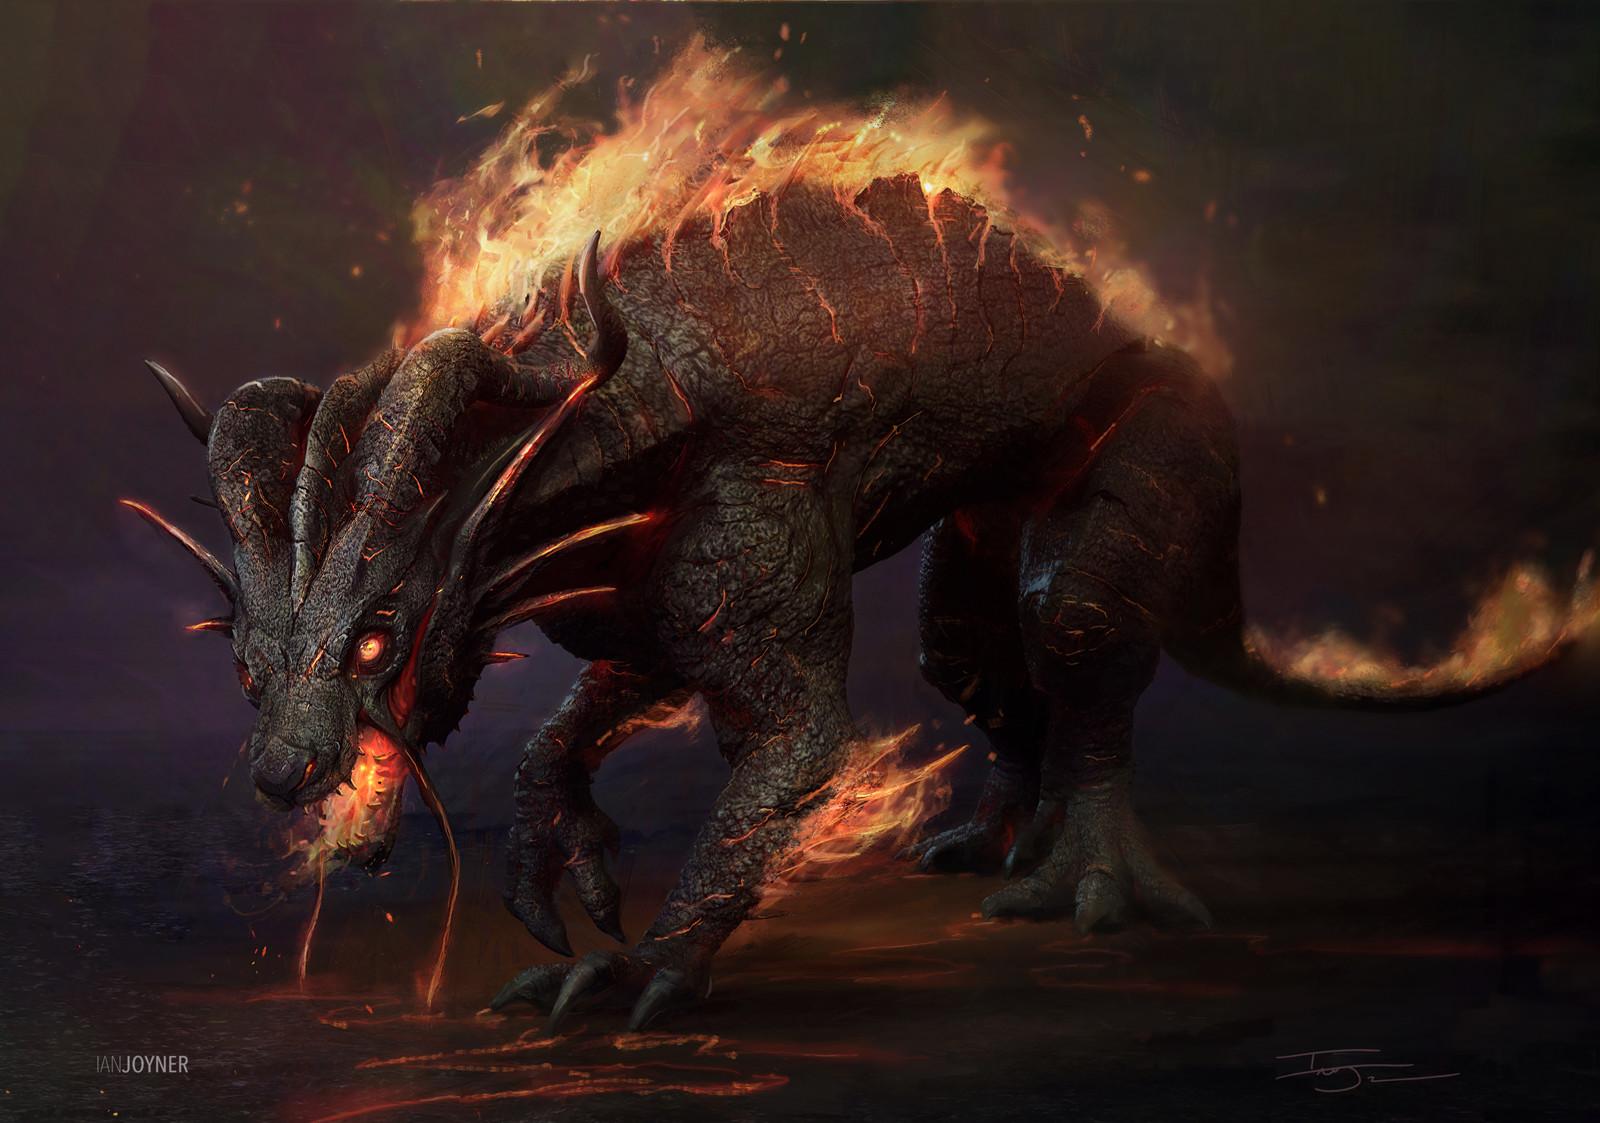 Ian joyner ij dragonprint 001